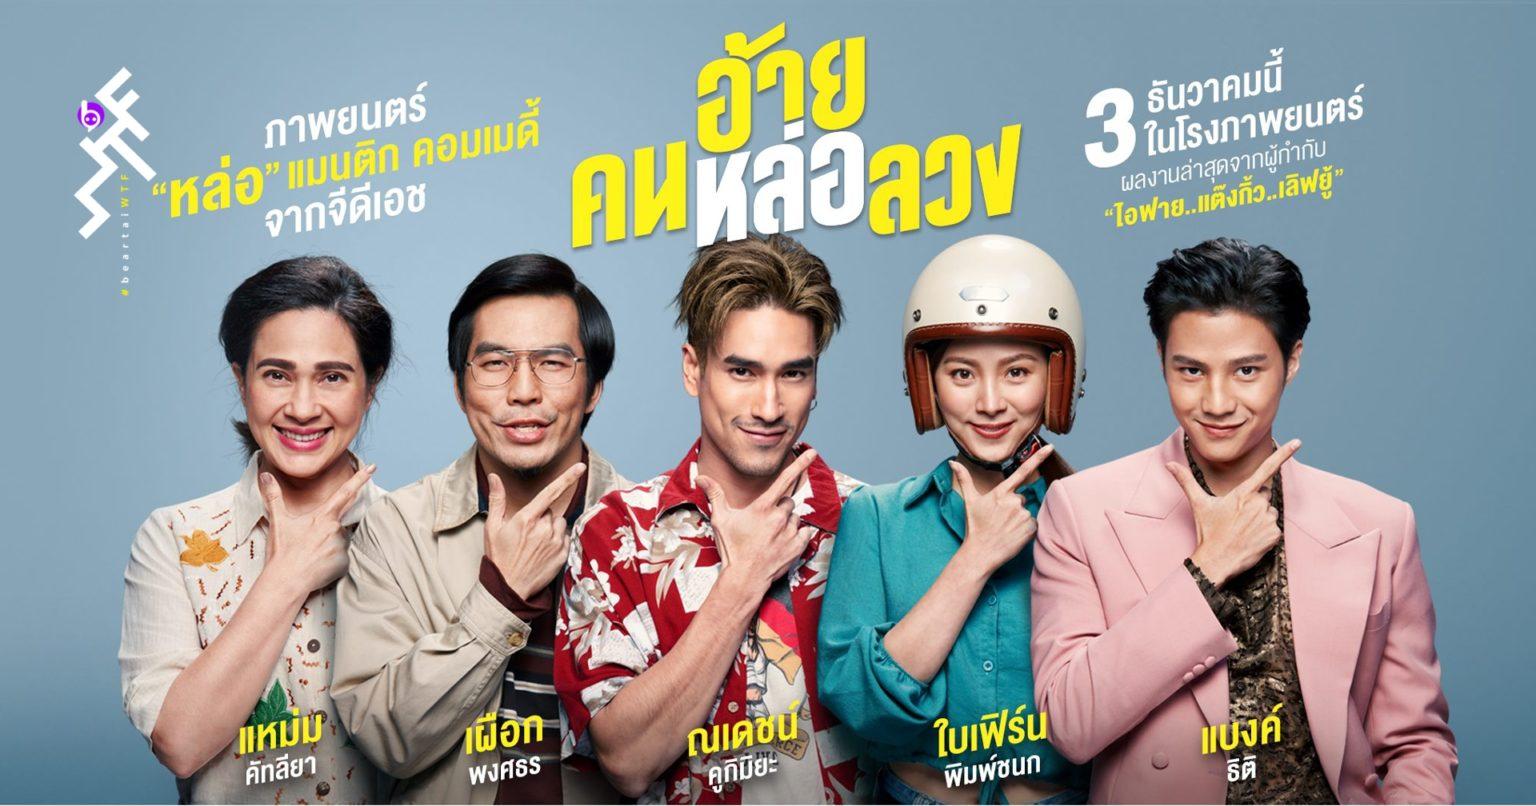 """รีวิว หนังไทย  """"อ้าย..คนหล่อลวง"""" สิบแปดมงกุฎสุดหล่อ"""